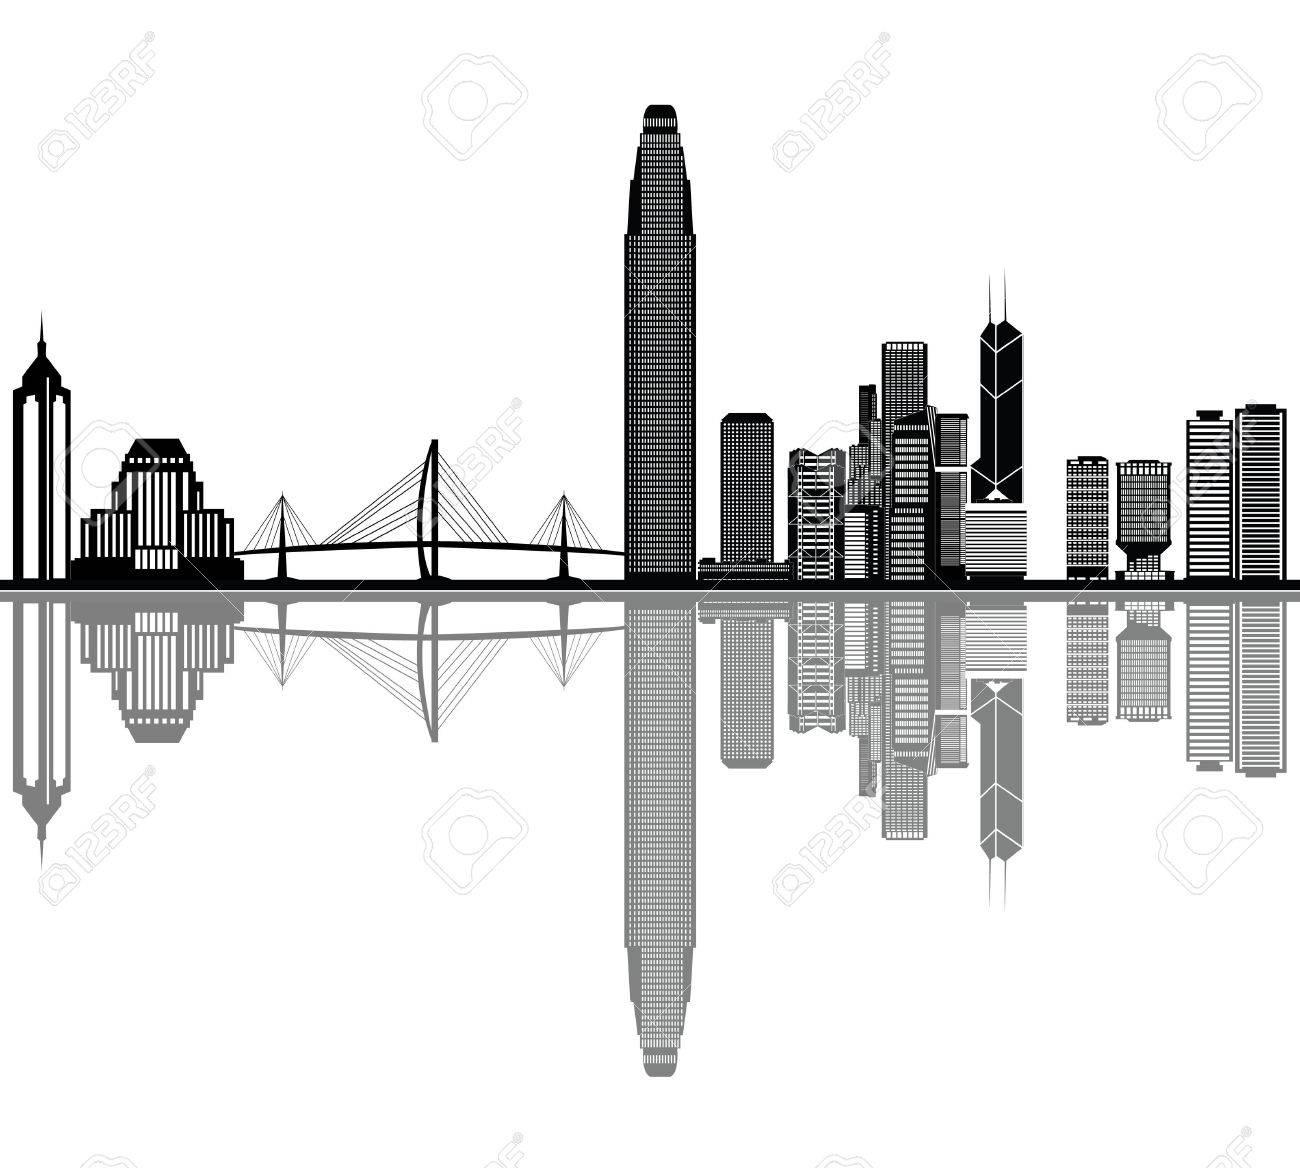 hong kong skyline - 29842784